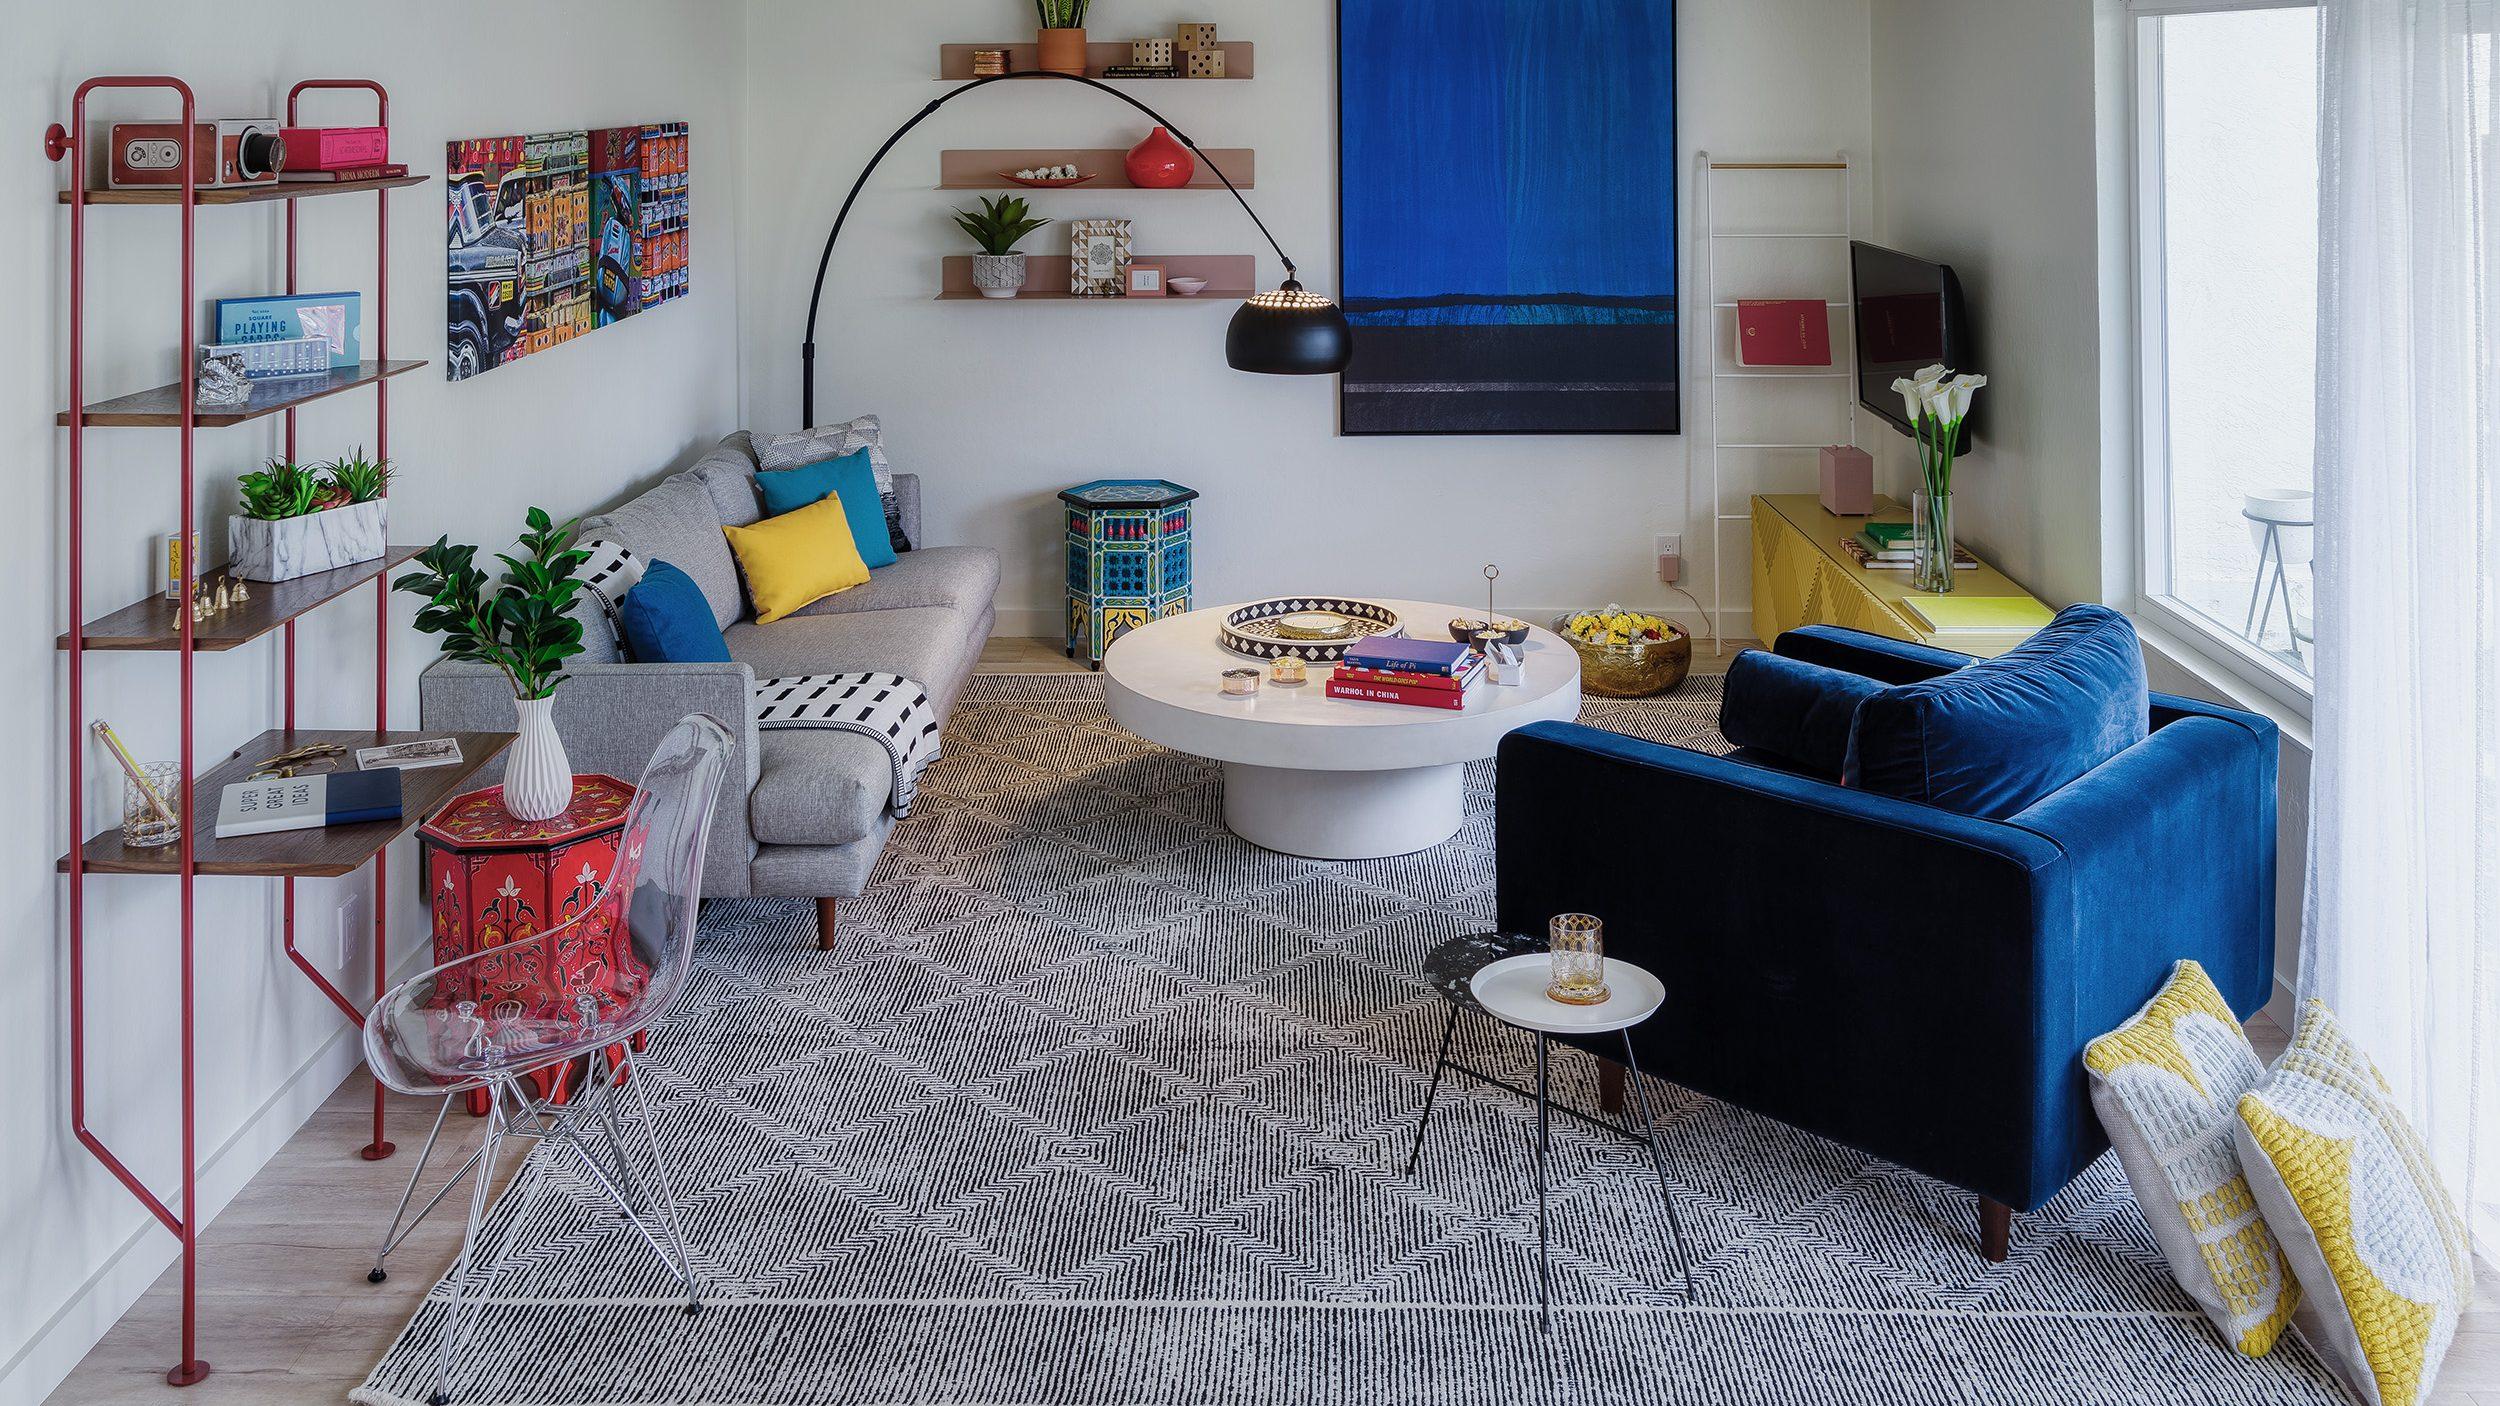 Priya Living is a new model for senior housing, inspired by ...